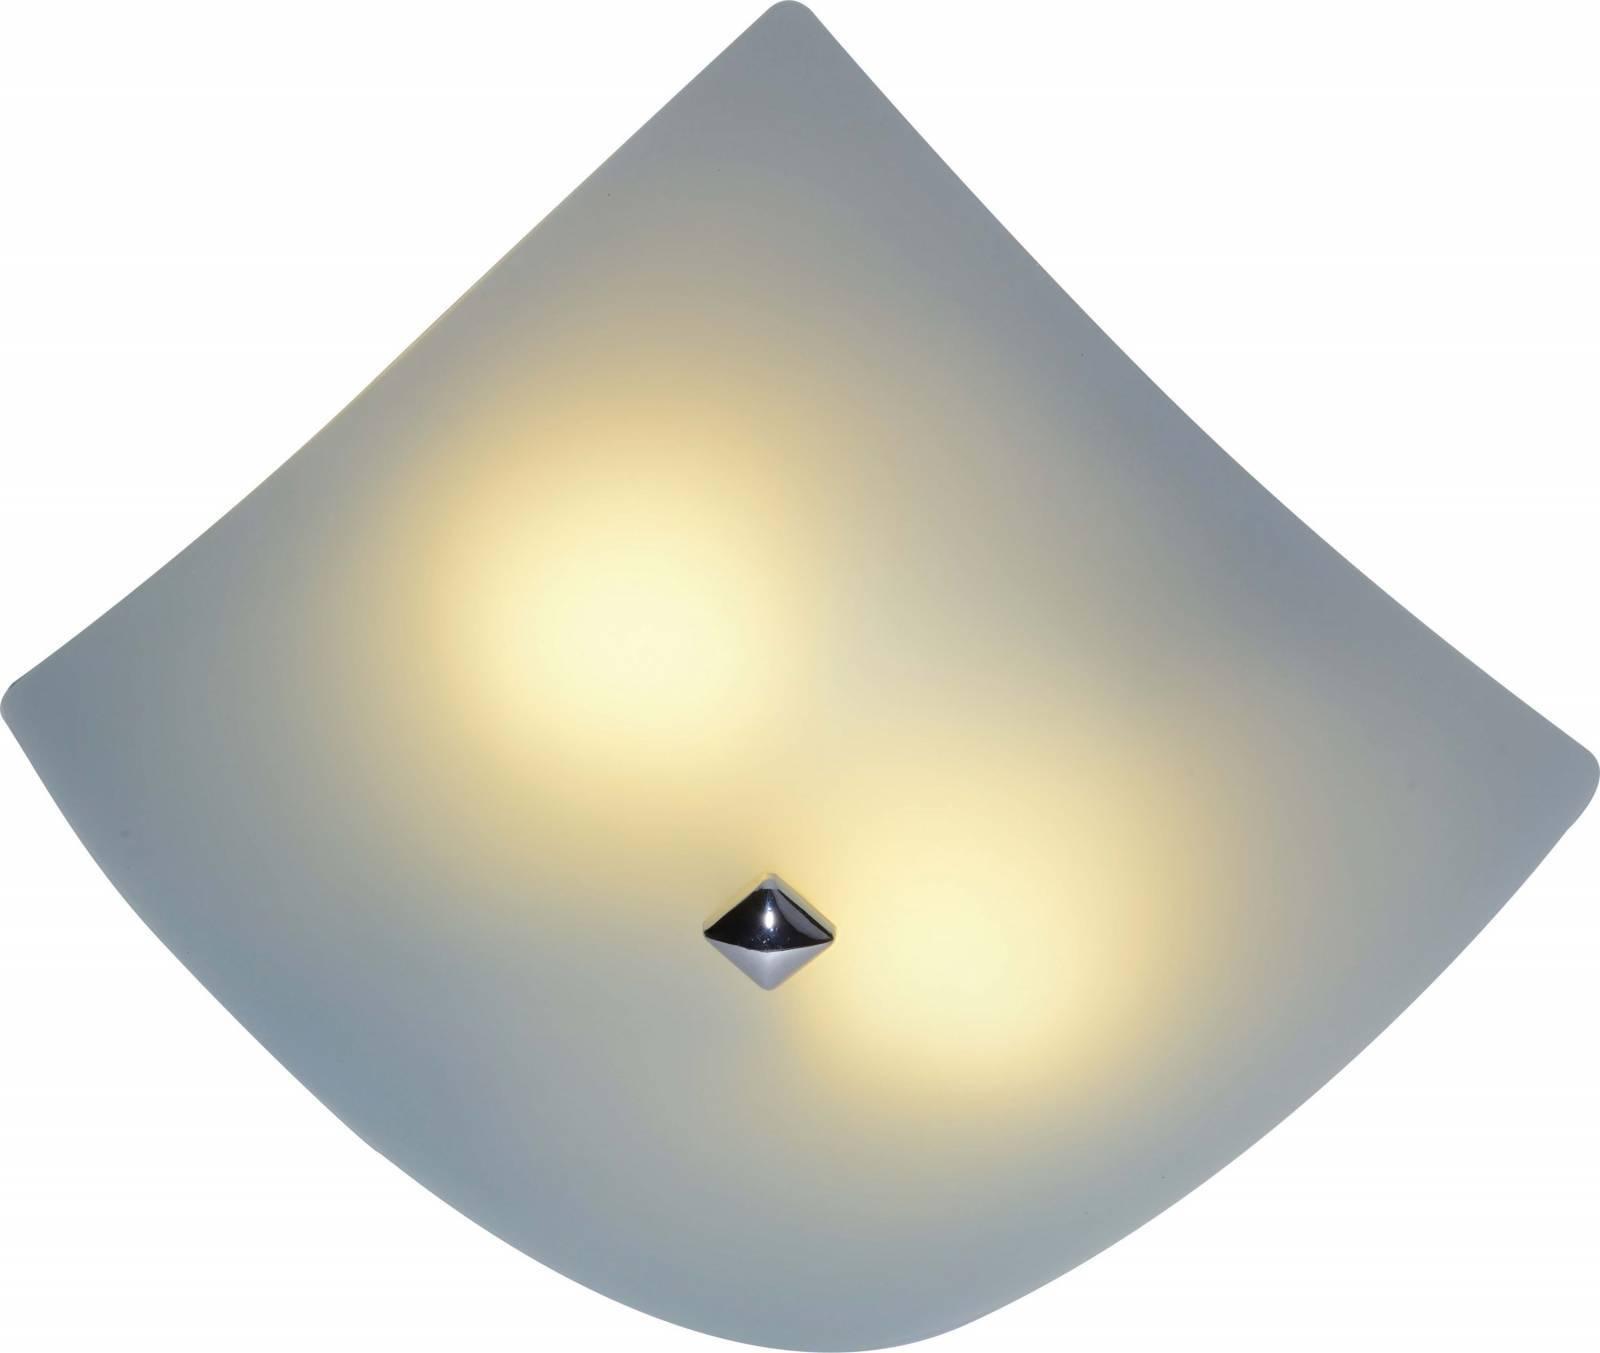 Luminária Quadrada Plafon Central 25cm Vidro Bronzearte - LCGELETRO